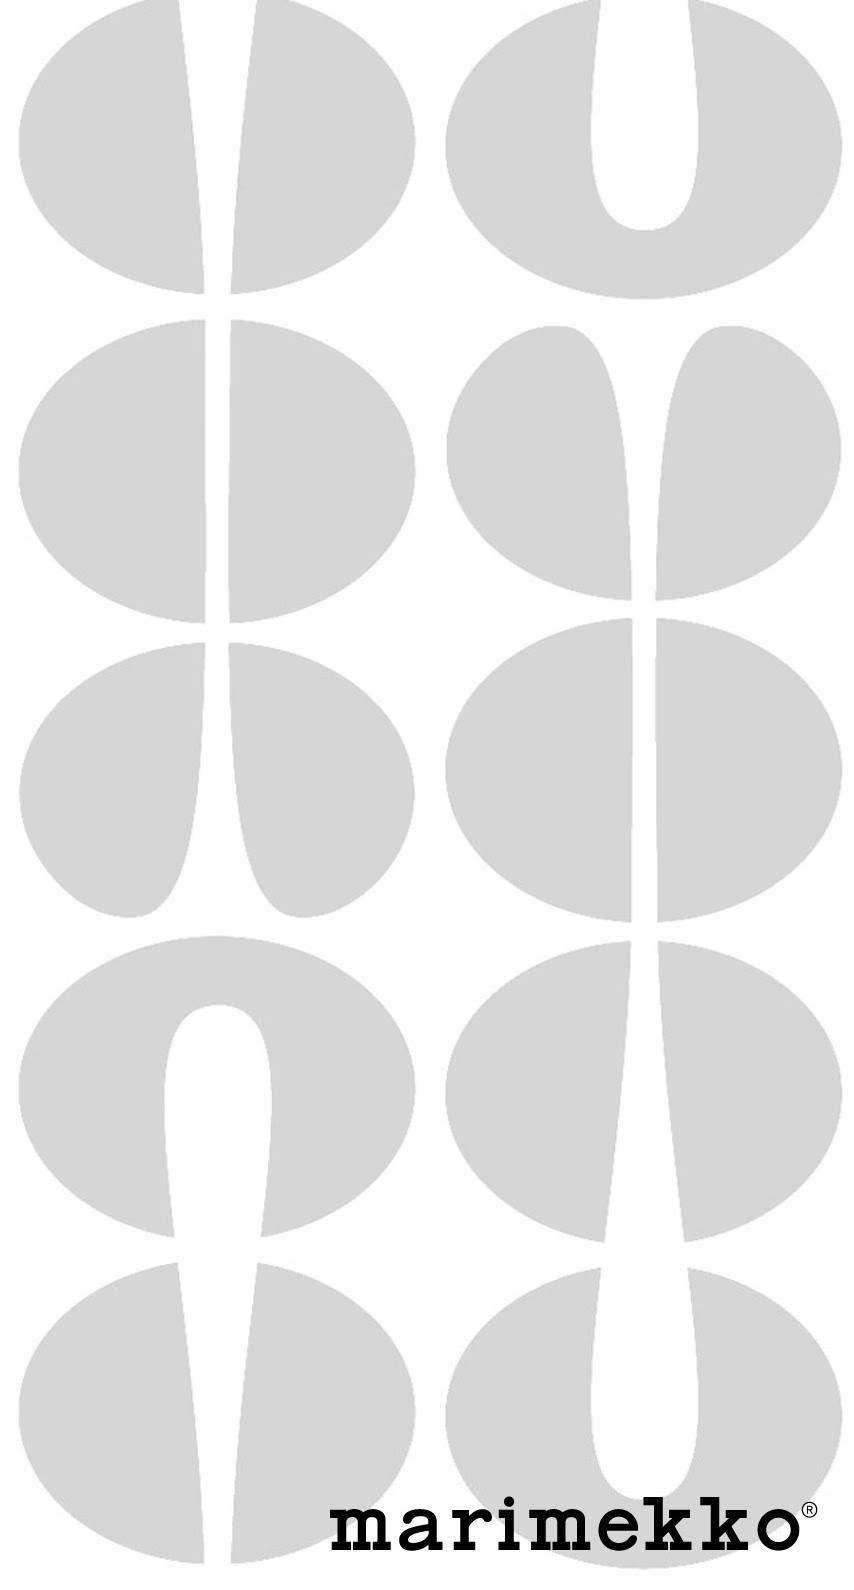 マリメッコ おしゃれパターン18 めちゃ人気 Iphone壁紙dj